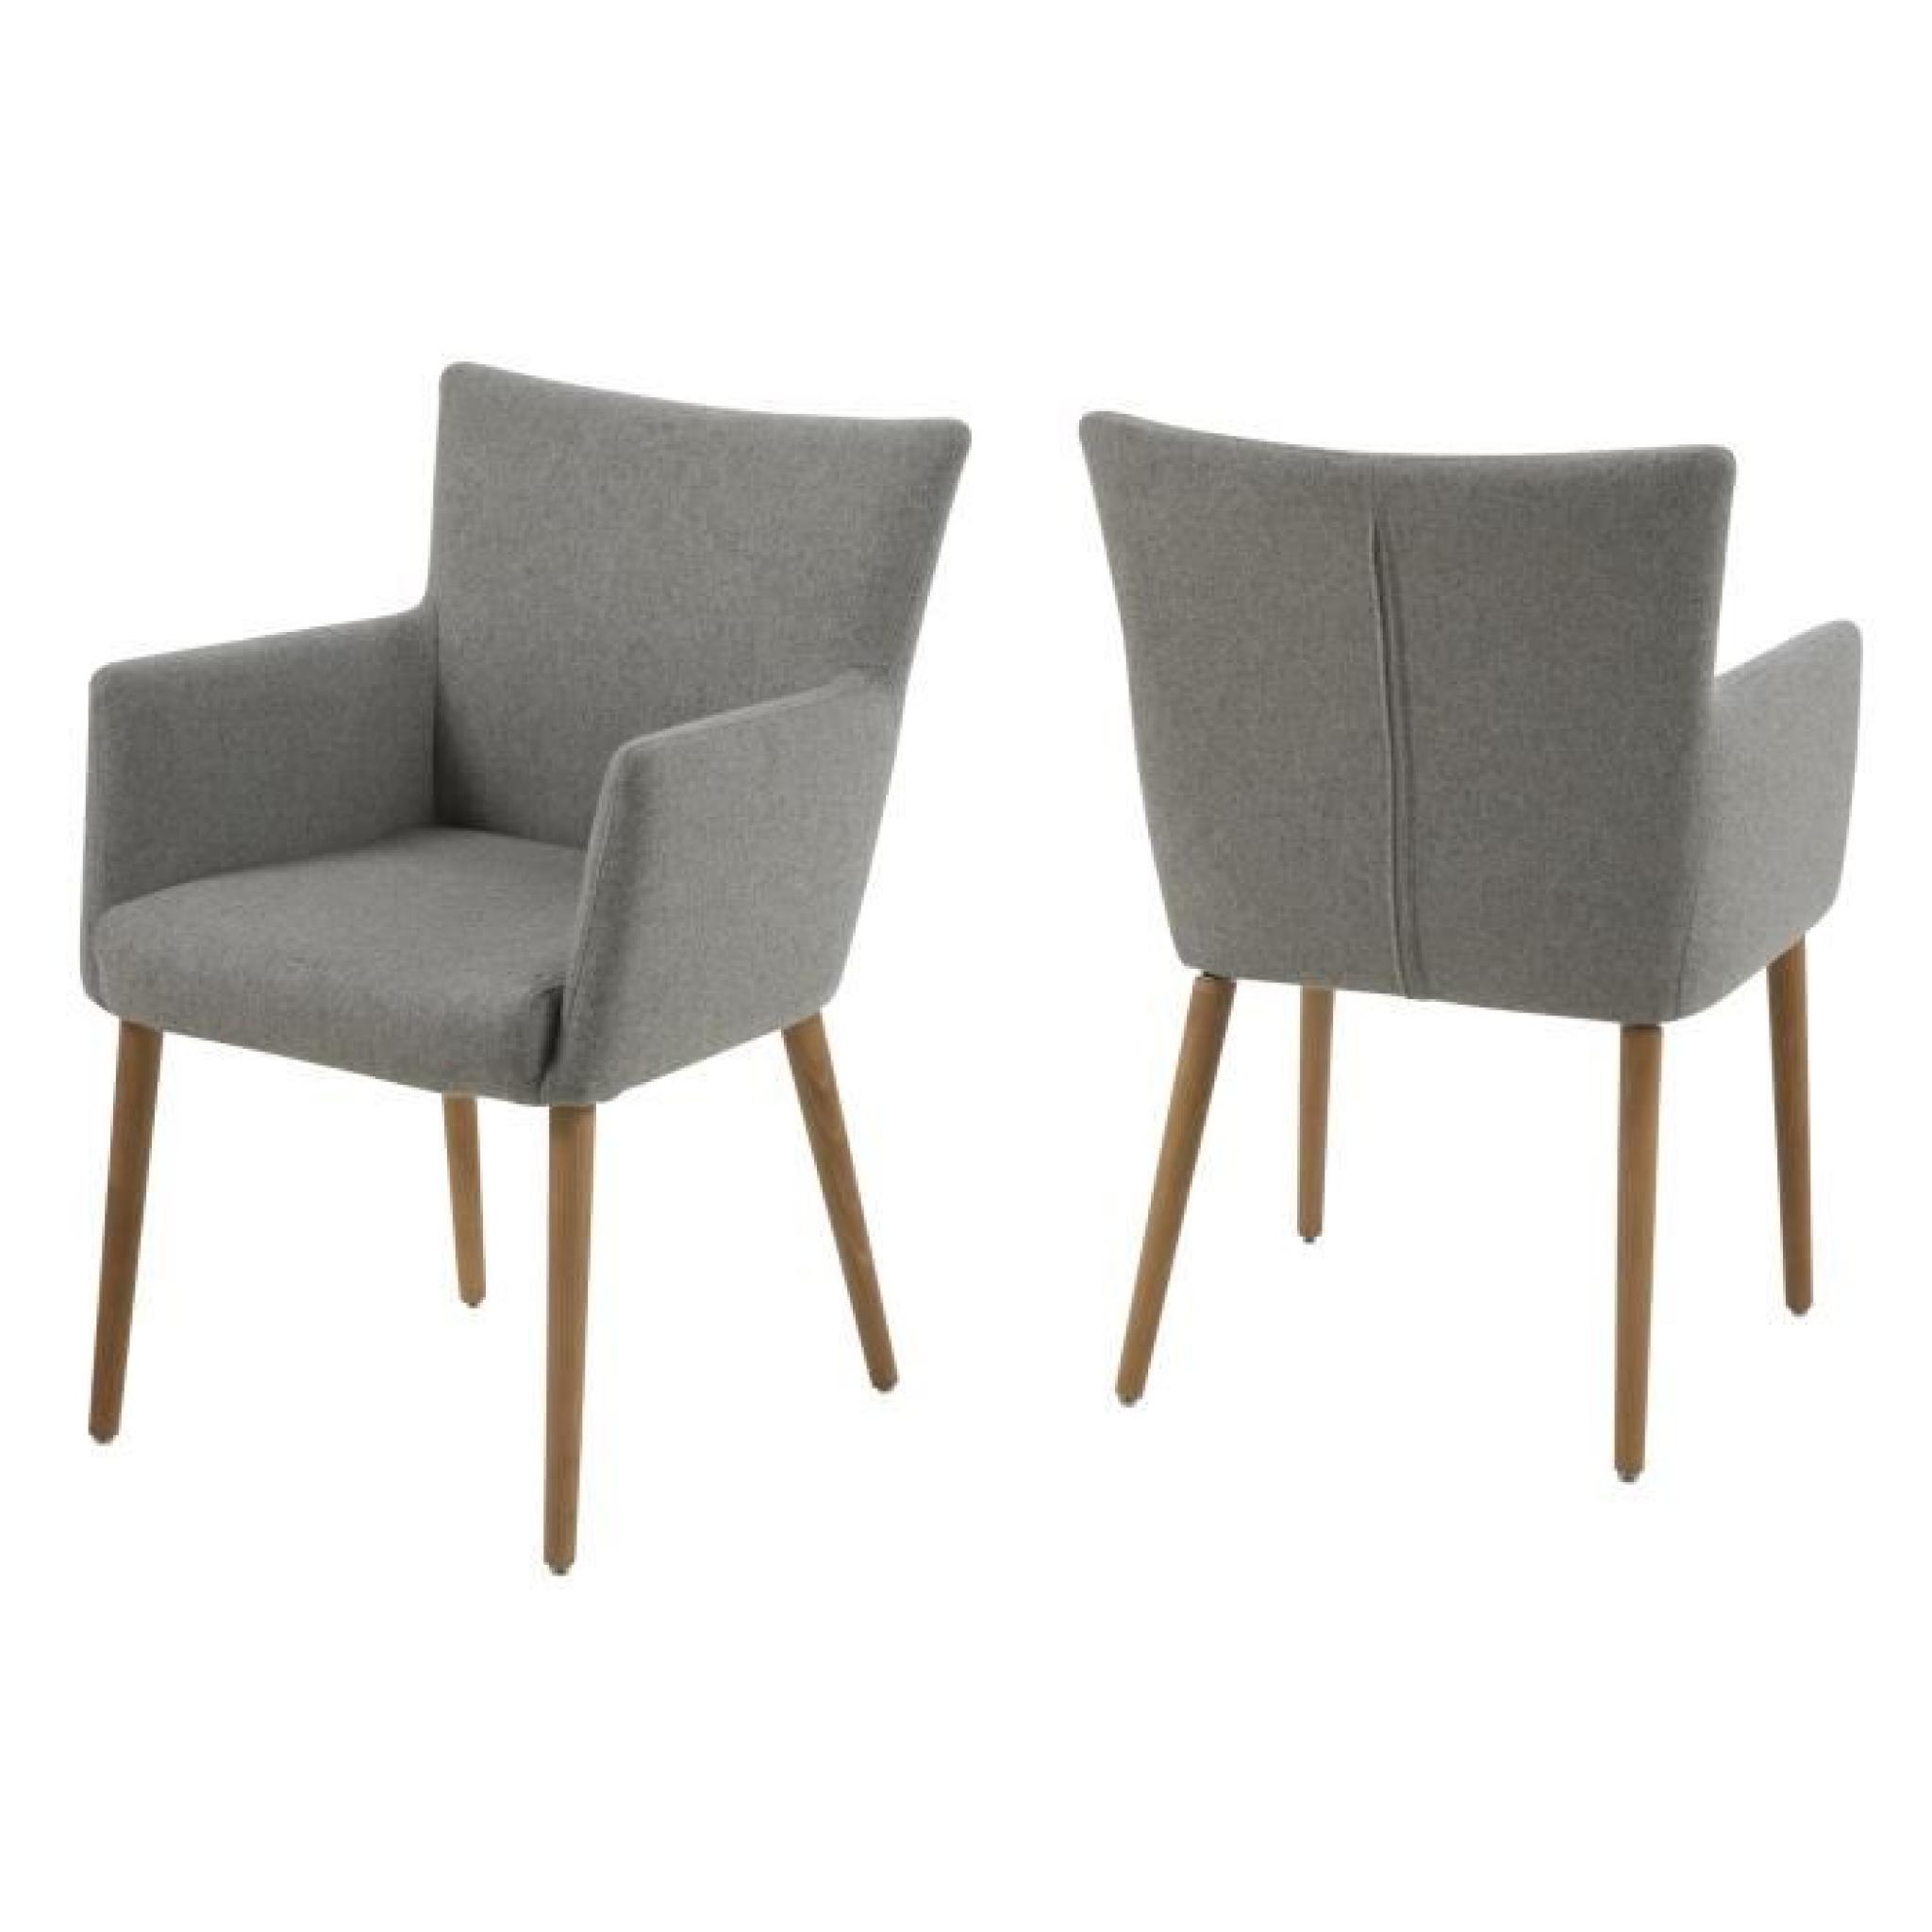 chaise de salle manger nellie en tissu avec acco achat vente chaise salle a manger pas cher. Black Bedroom Furniture Sets. Home Design Ideas